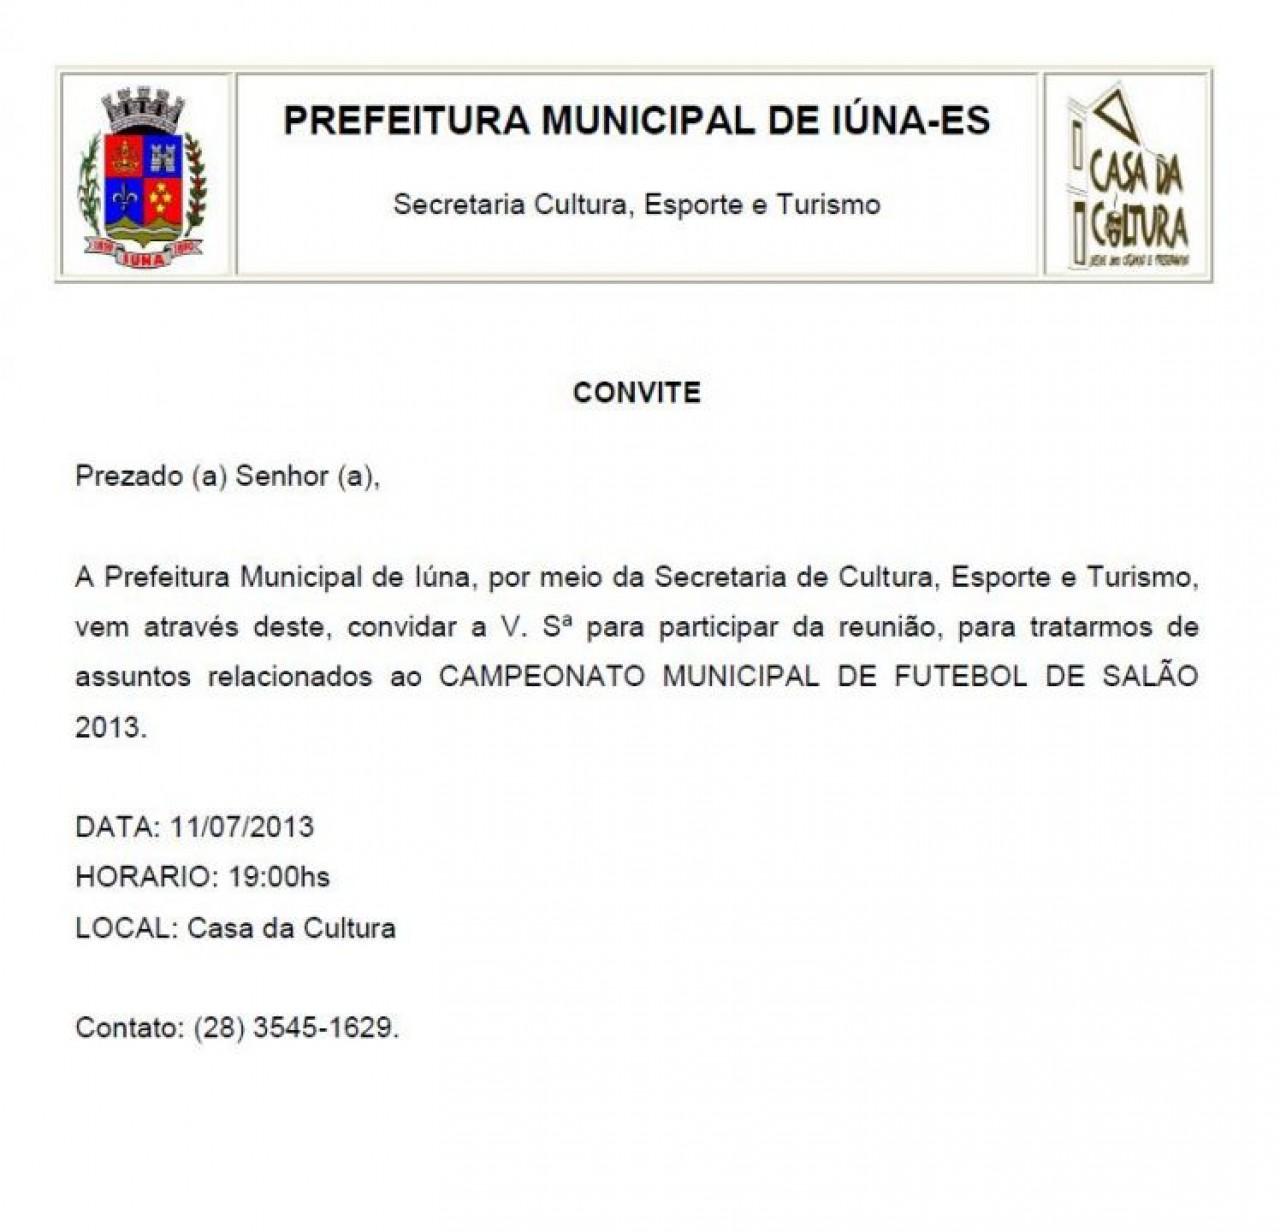 Convite Da Secretaria De Cultura Esporte E Turismo